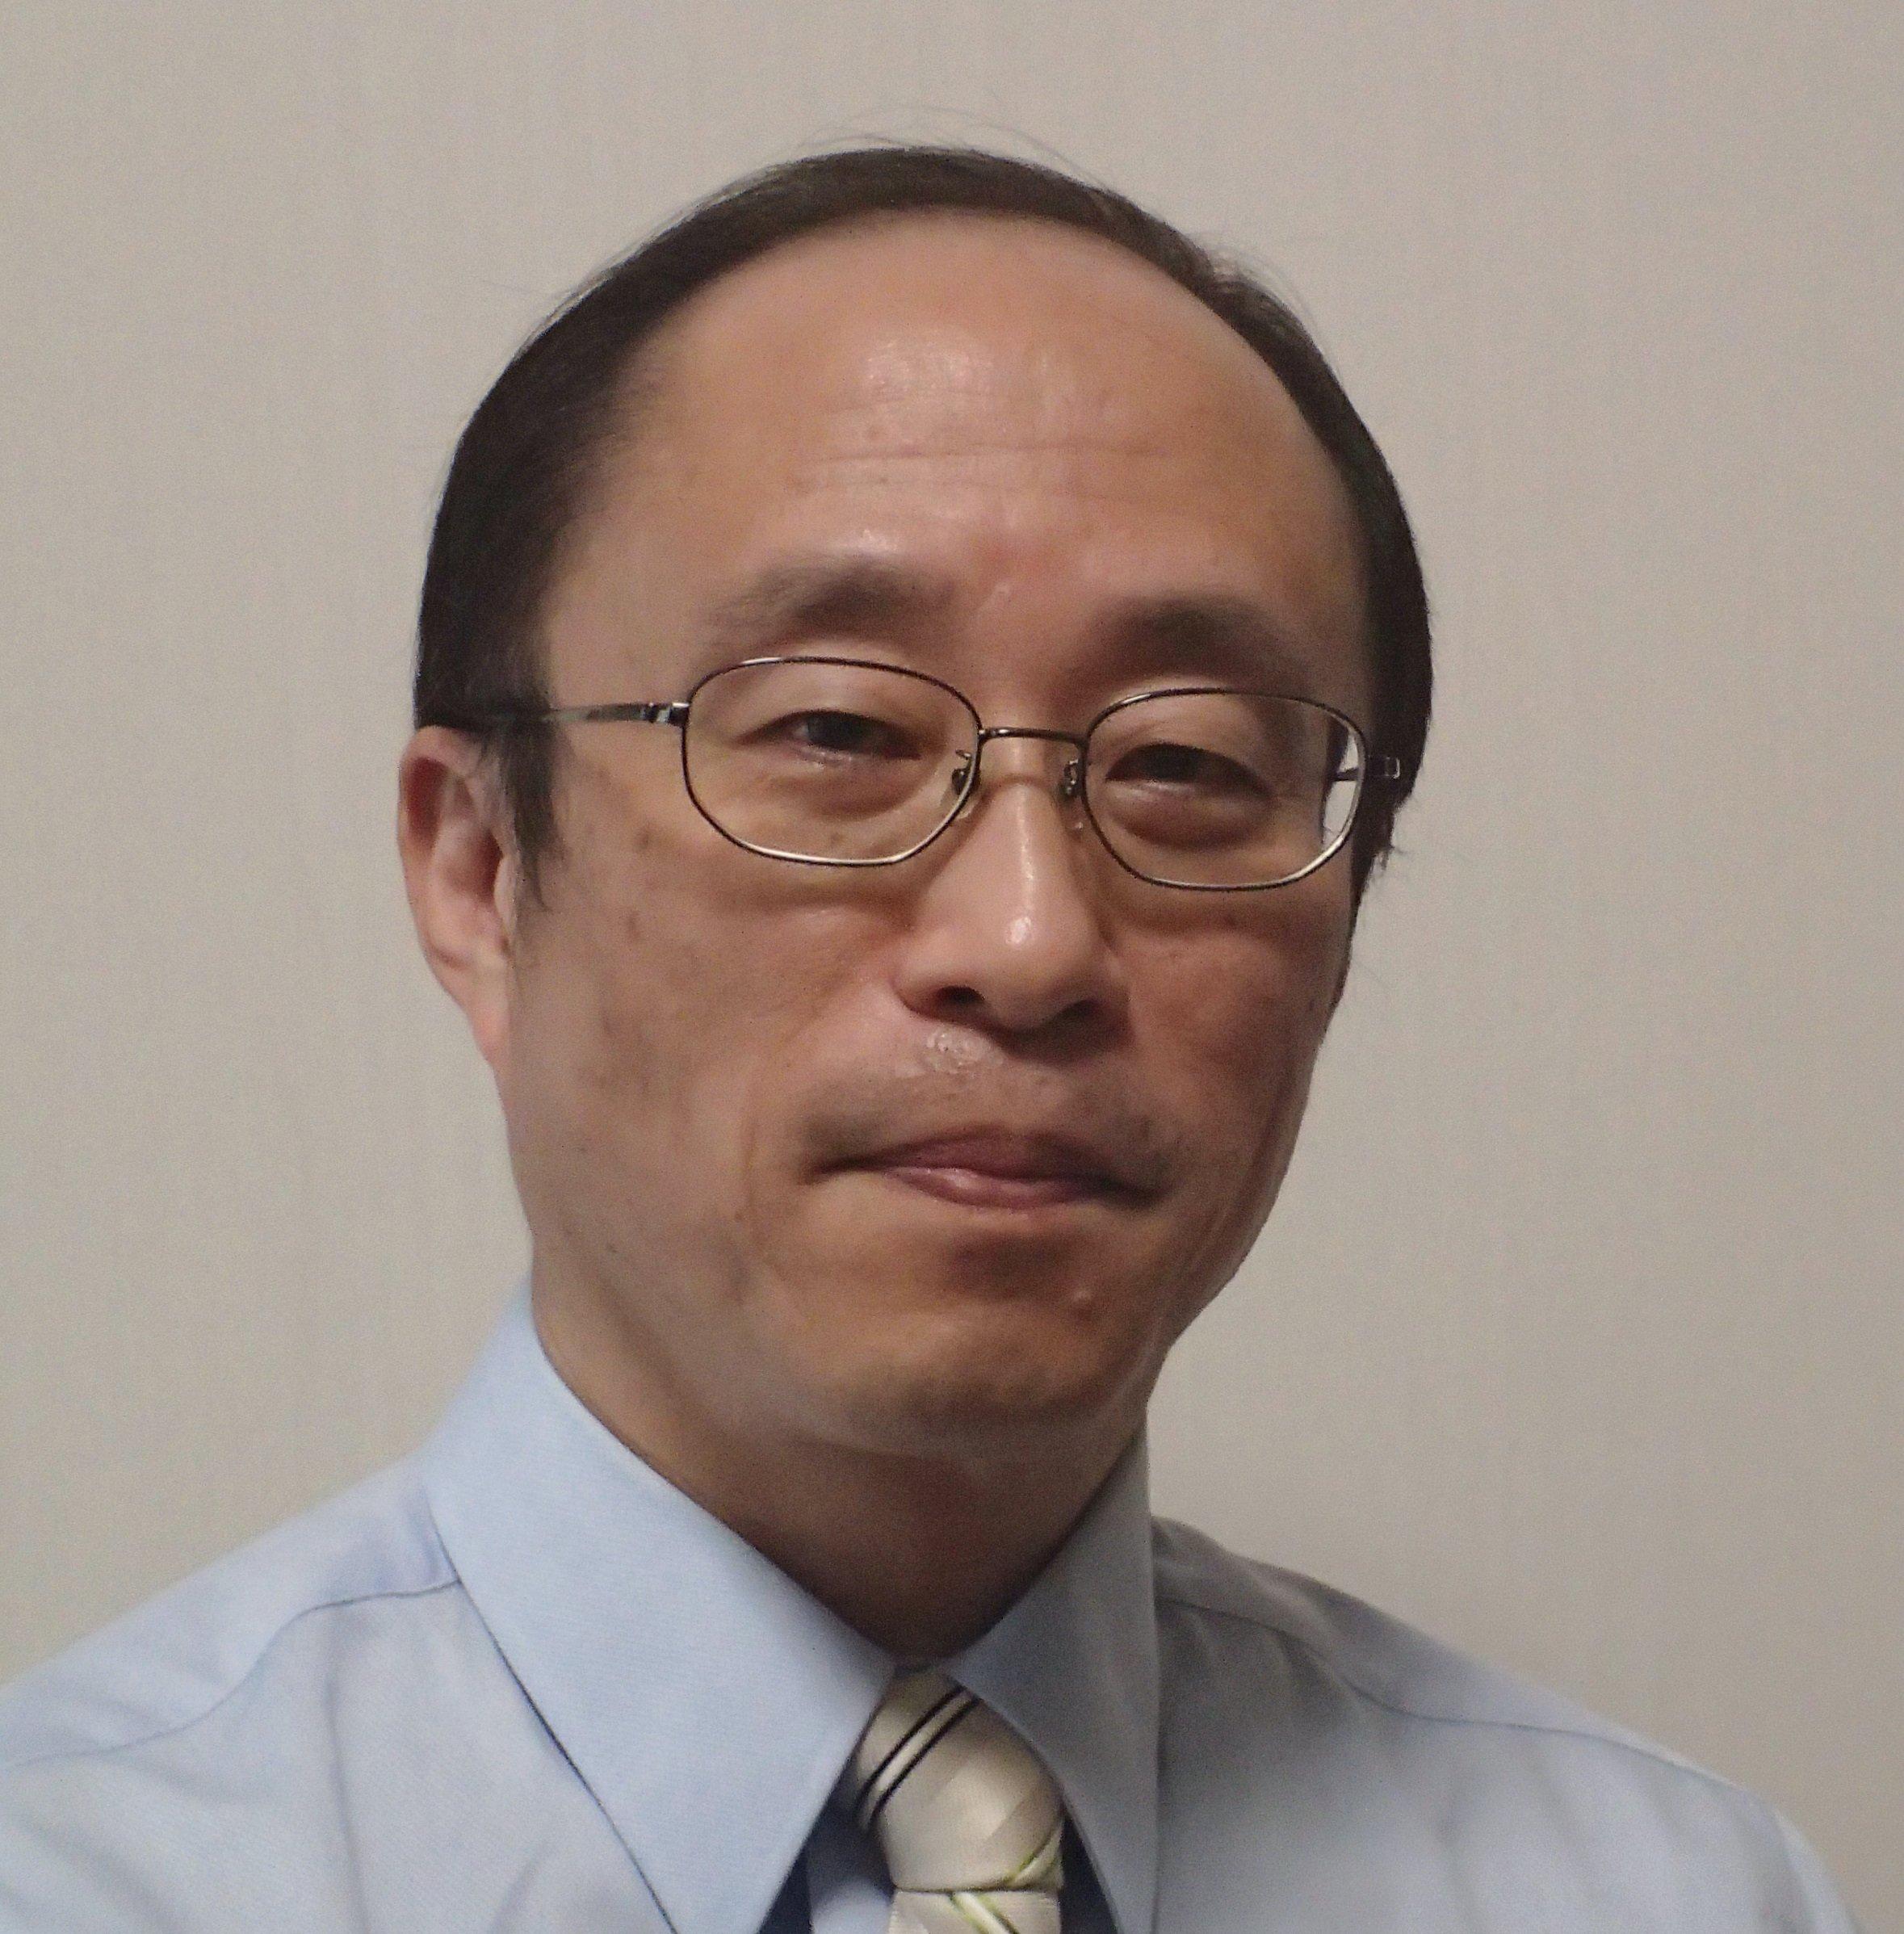 Junji Yamamoto